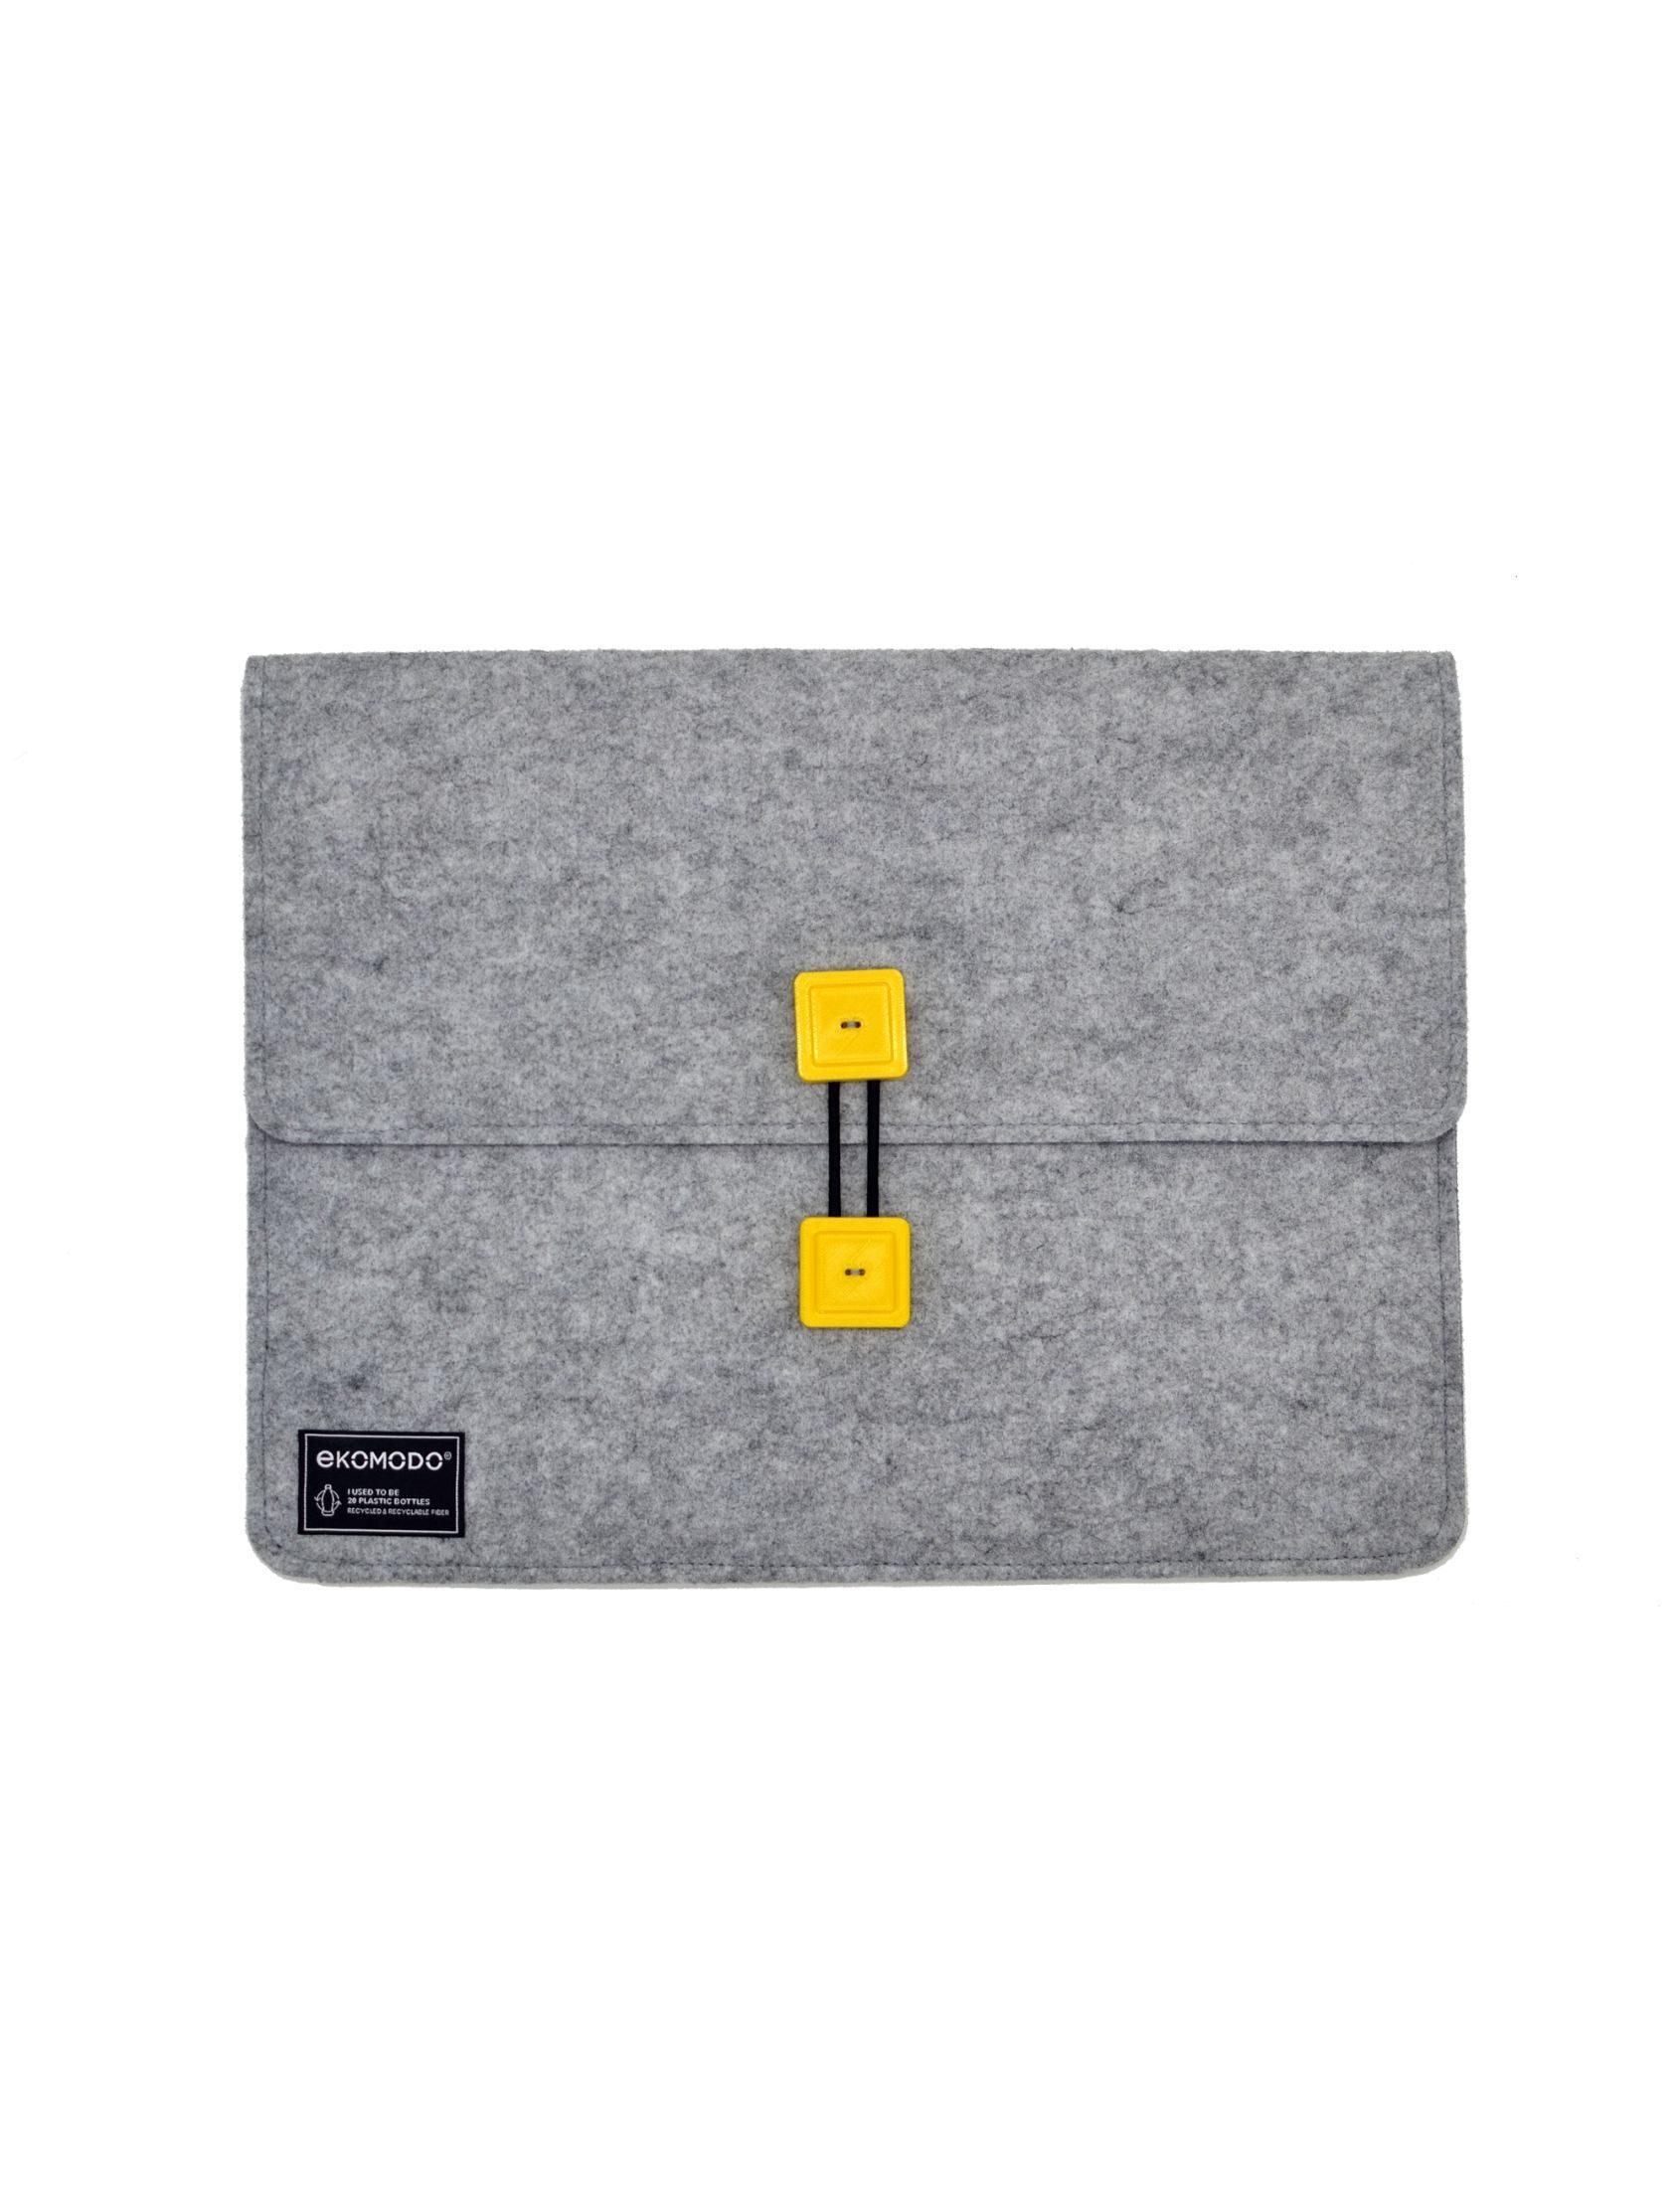 funda bat regular en gris con botones amarillos de tejido reciclado para documentos, portátil, libros...